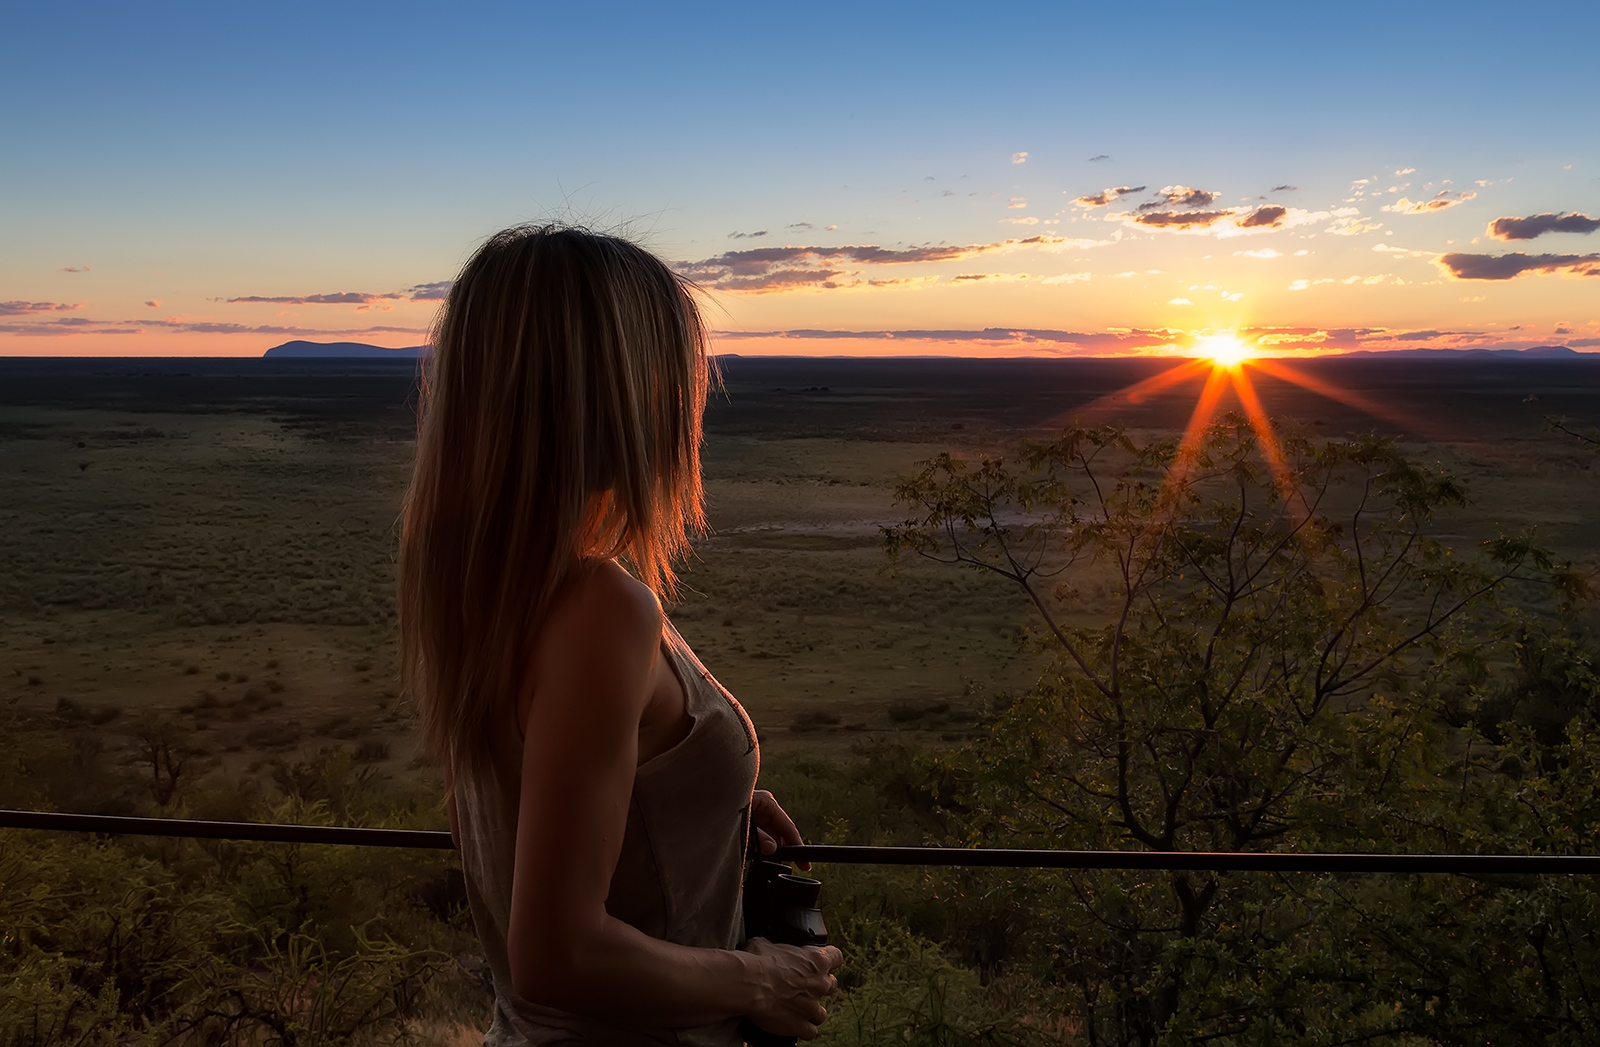 Sunset. Ethosa National Park. Kenya.